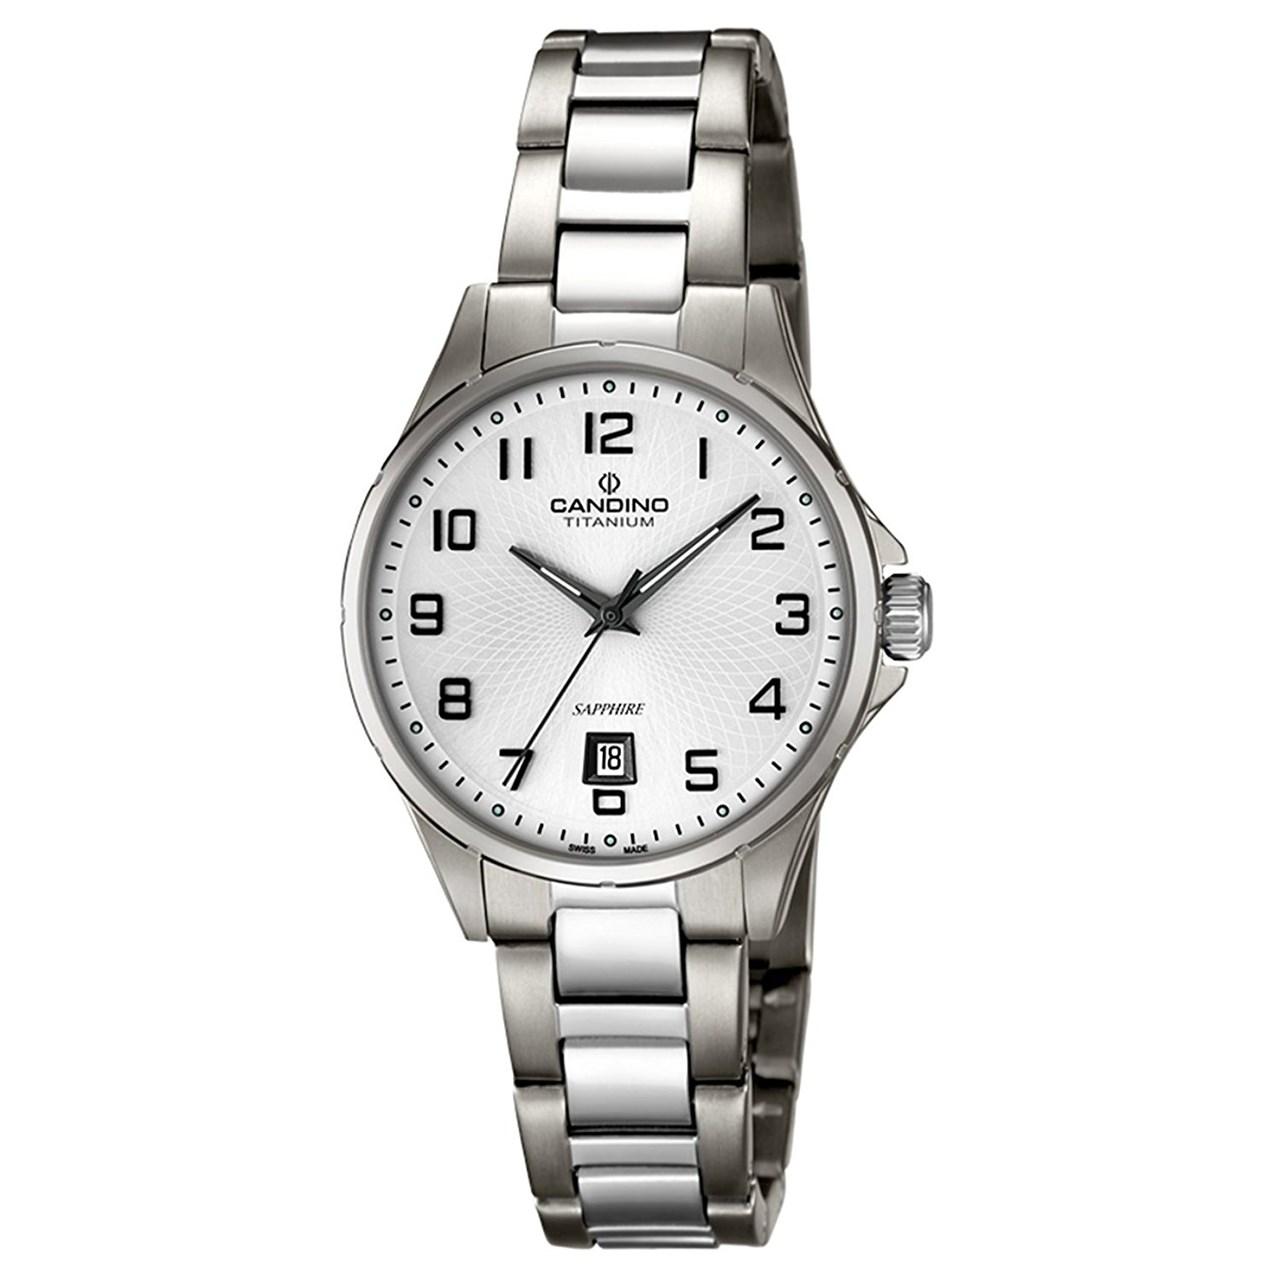 ساعت مچی عقربه ای زنانه کاندینو مدل C4608/1